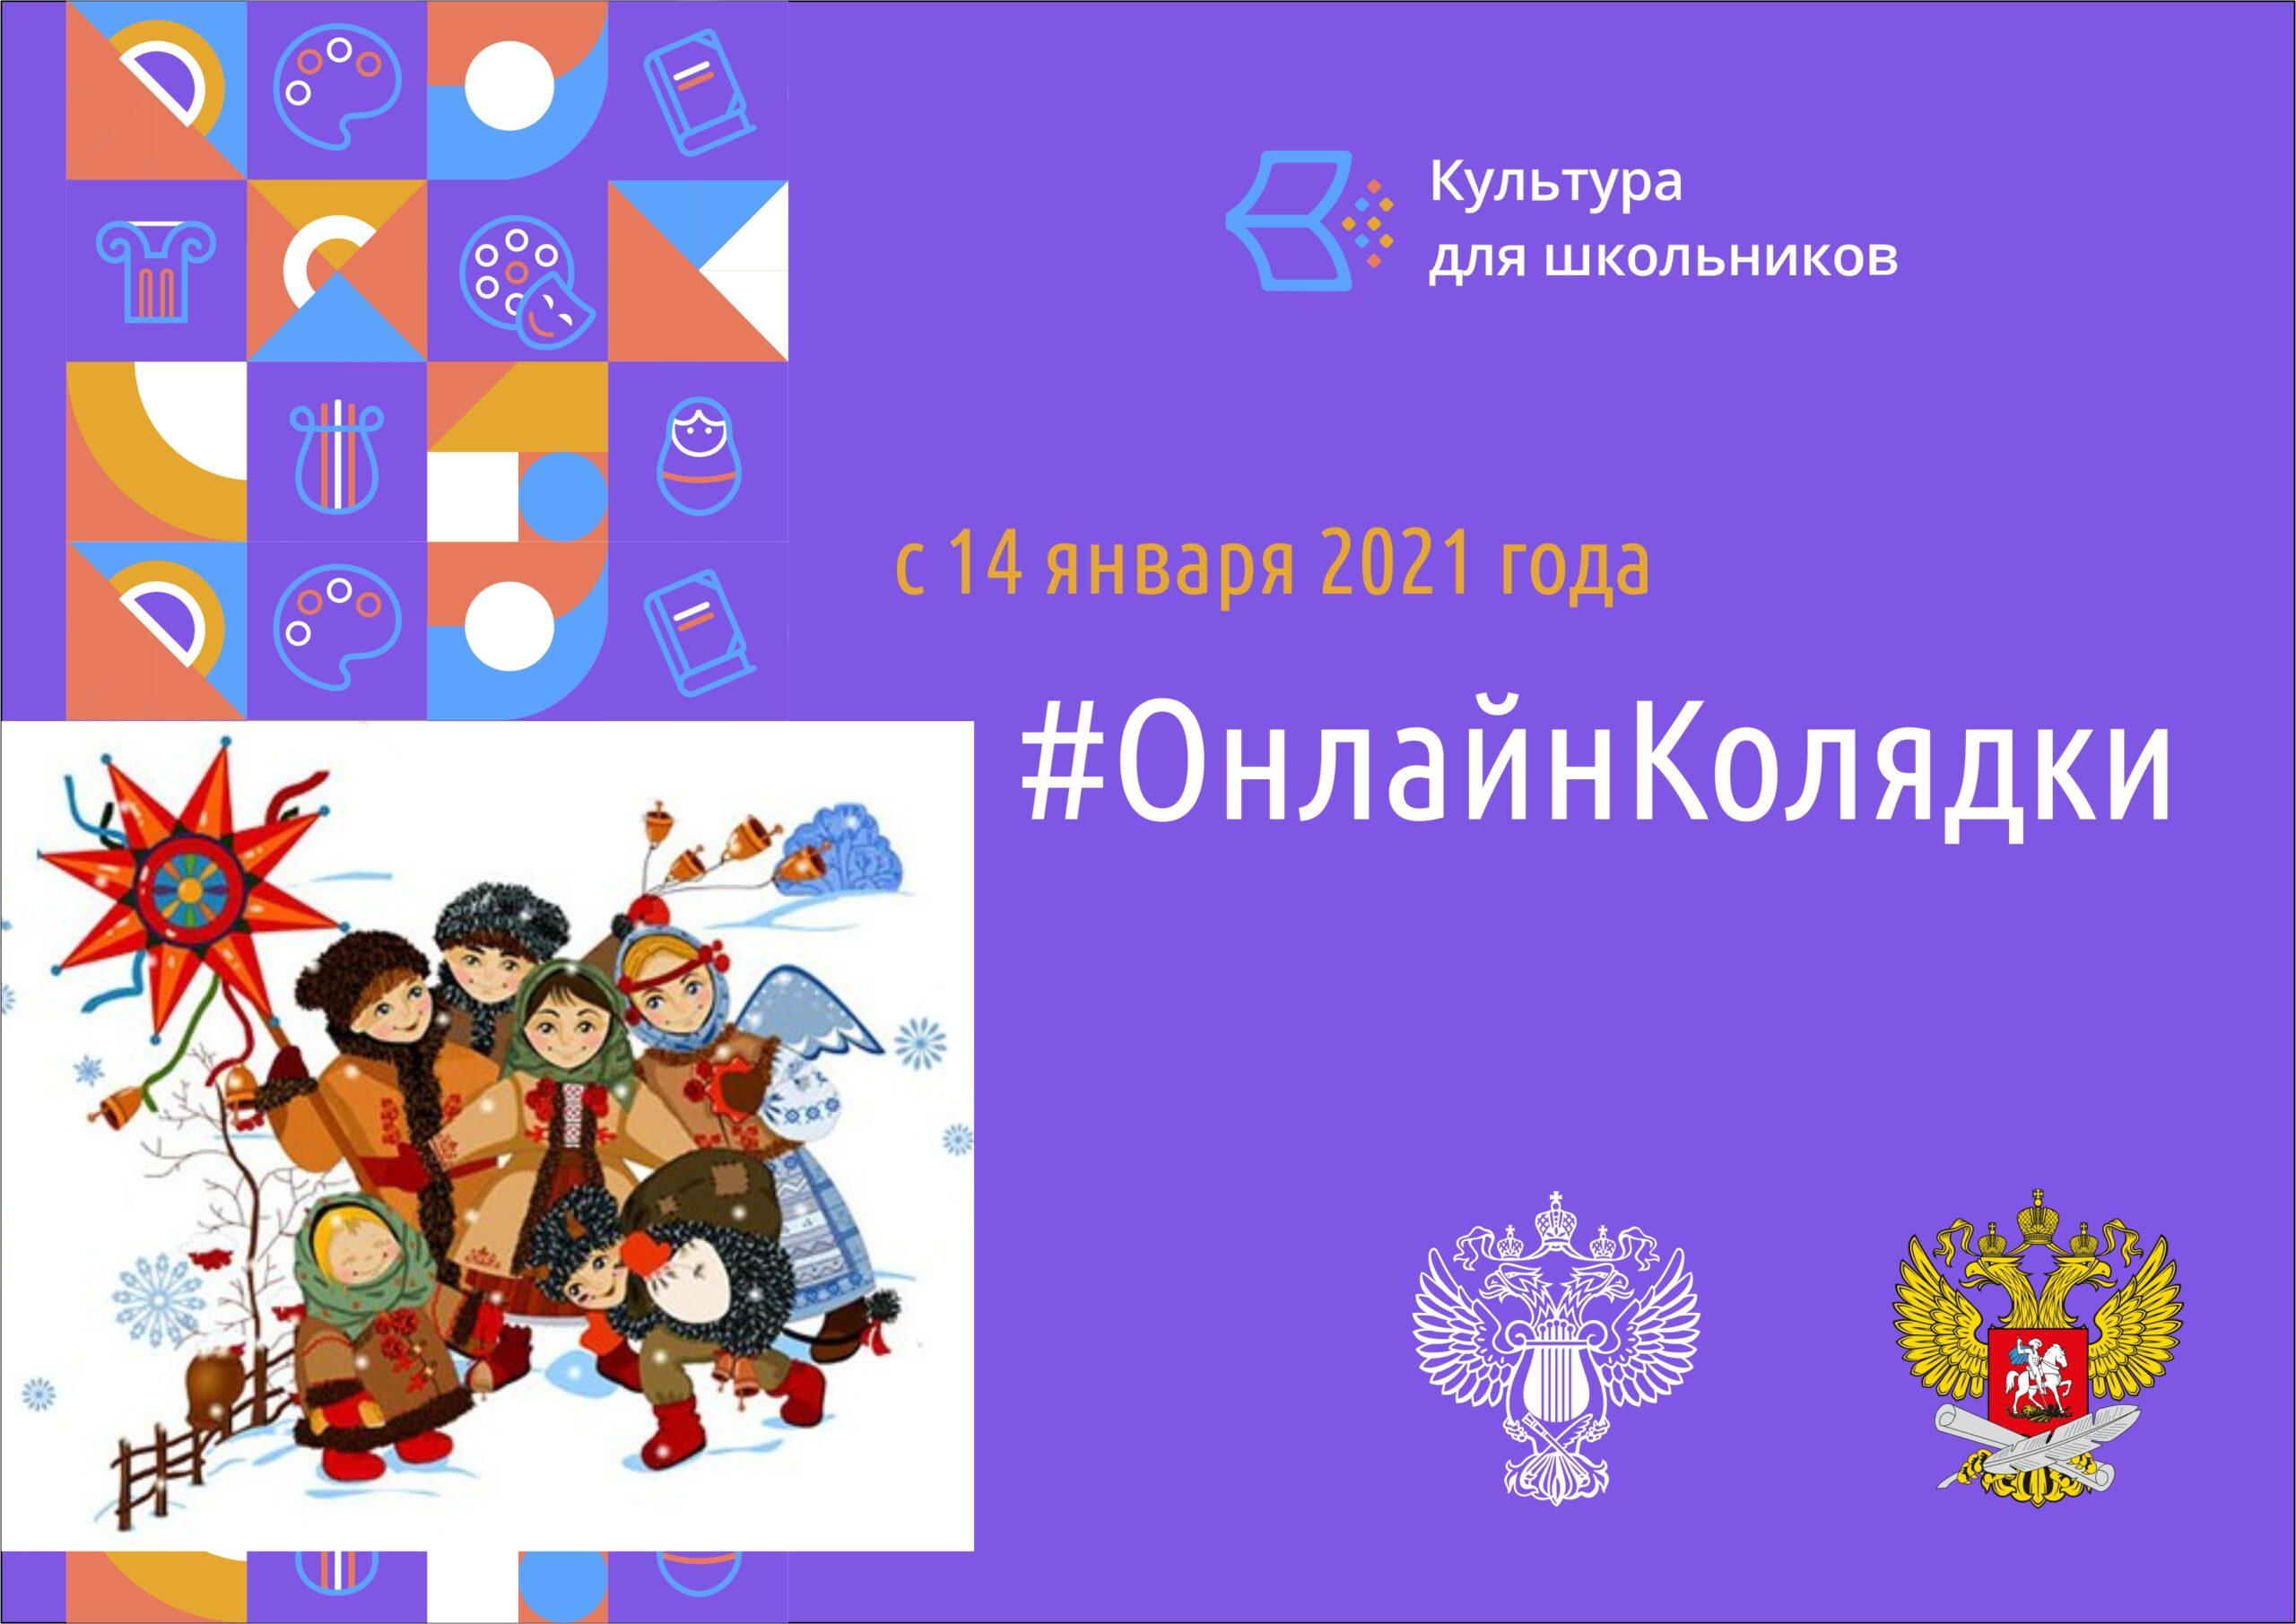 Стартует всероссийская акция «Народная культура для школьников»